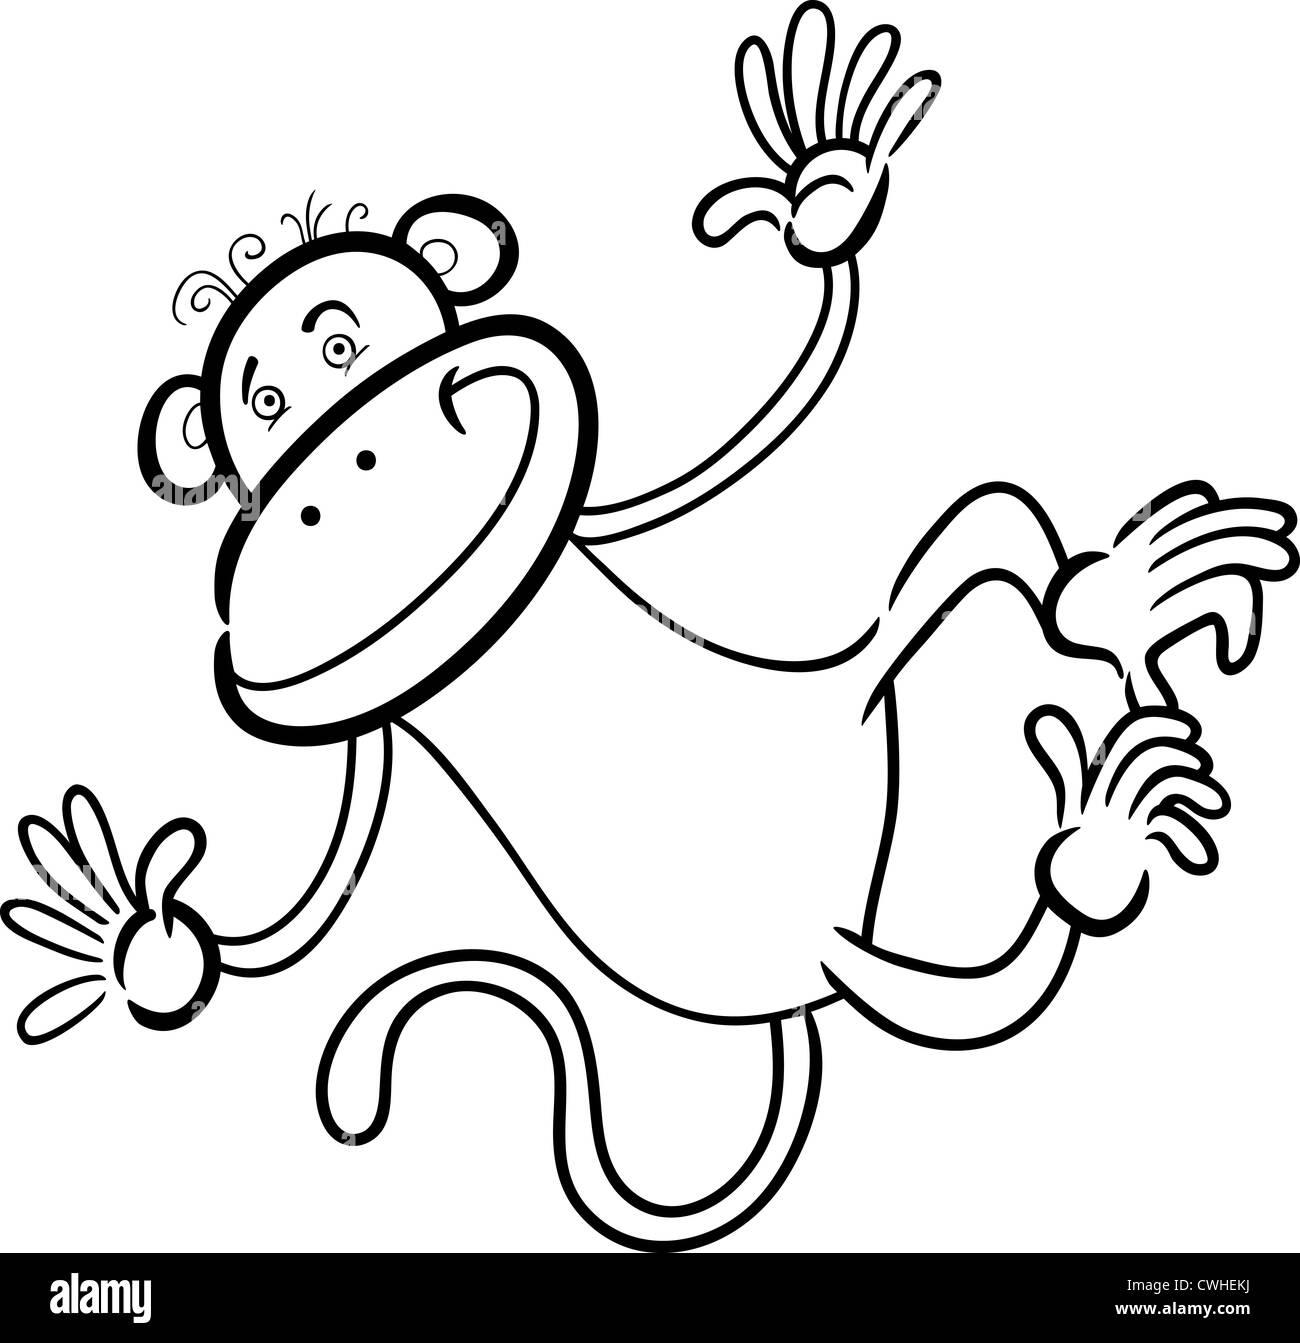 Berühmt Süße Cartoon Tiere Malvorlagen Zeitgenössisch - Malvorlagen ...